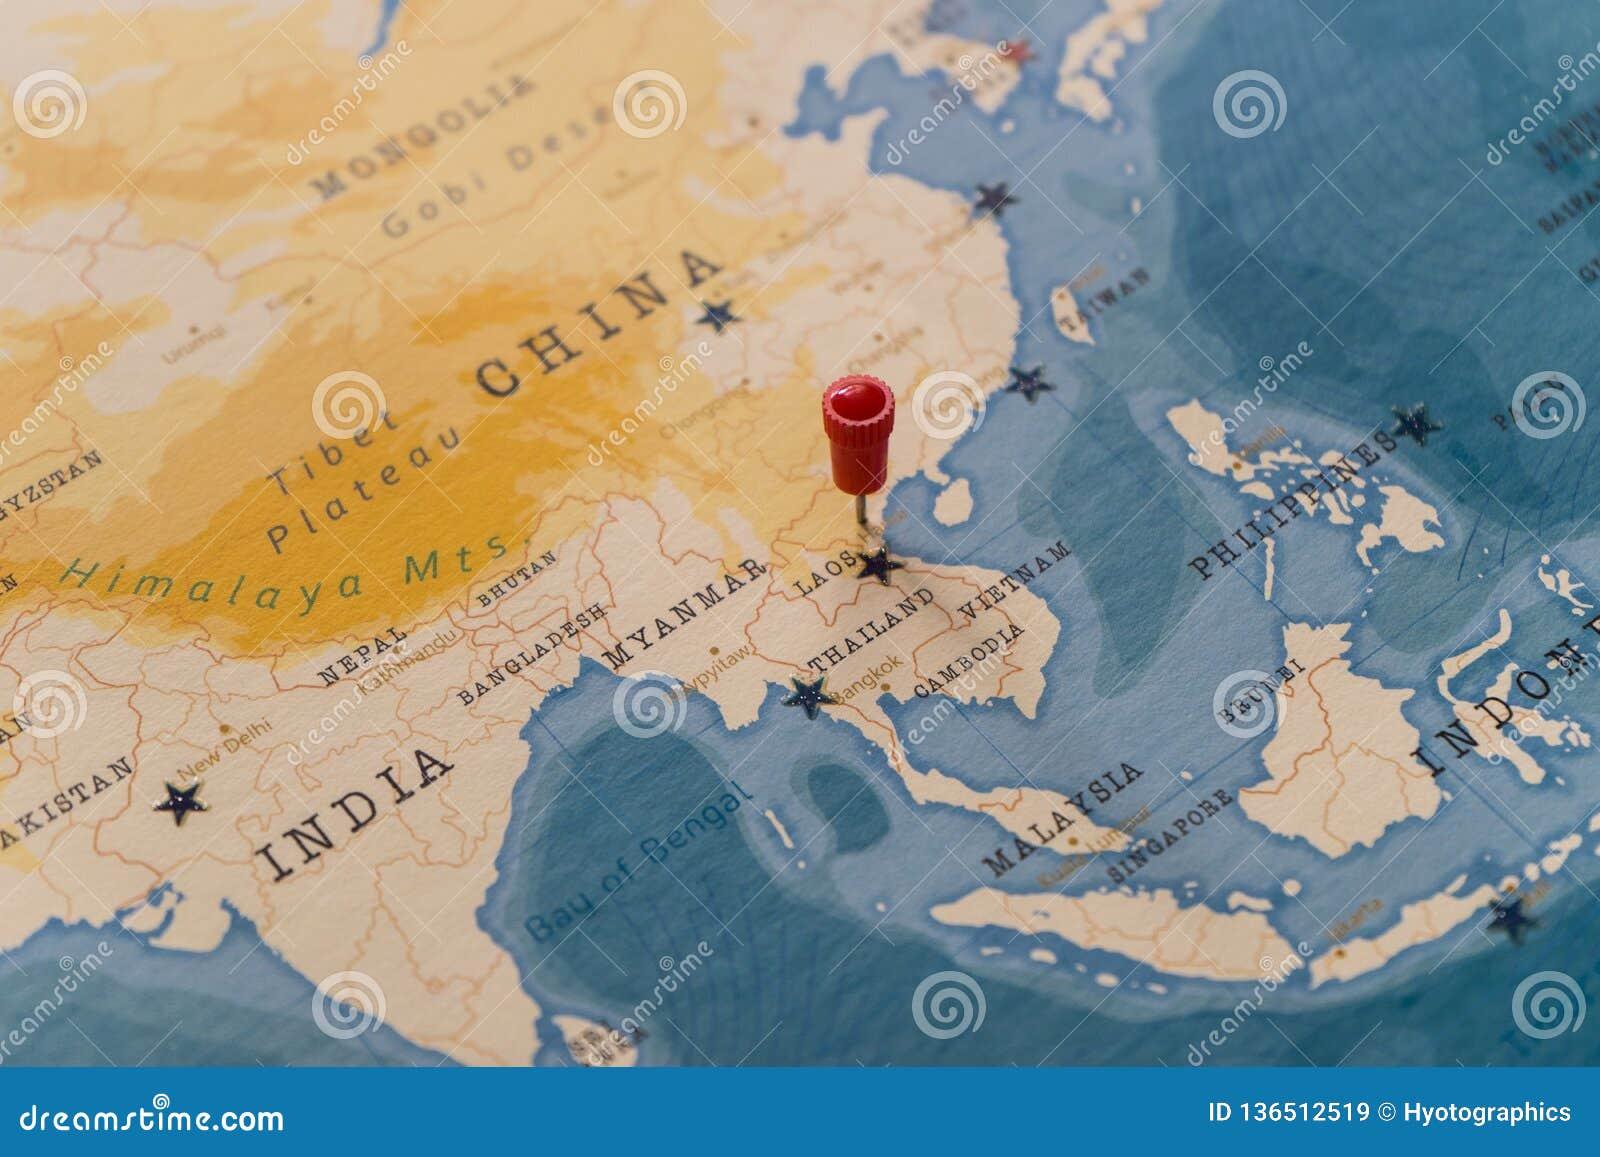 Ein Stift von einer Karte von Hanoi, Vietnam